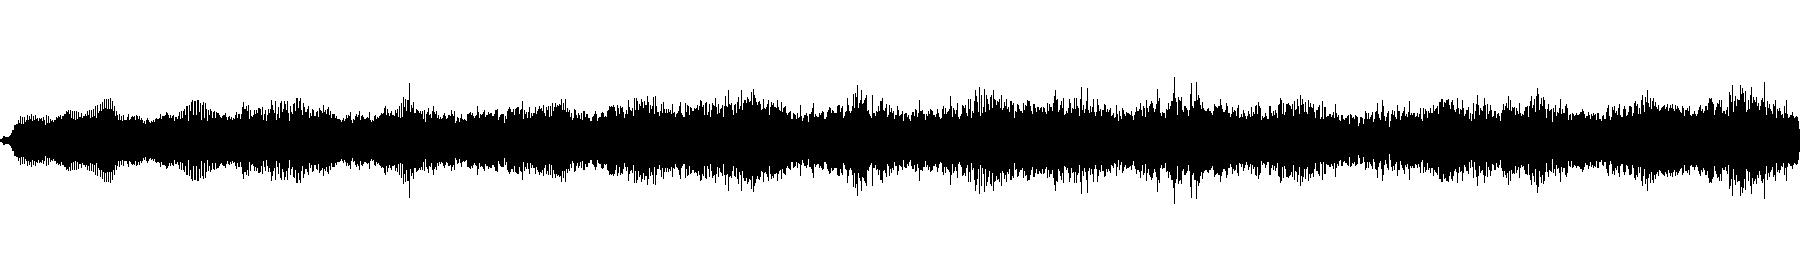 loop69125bpm